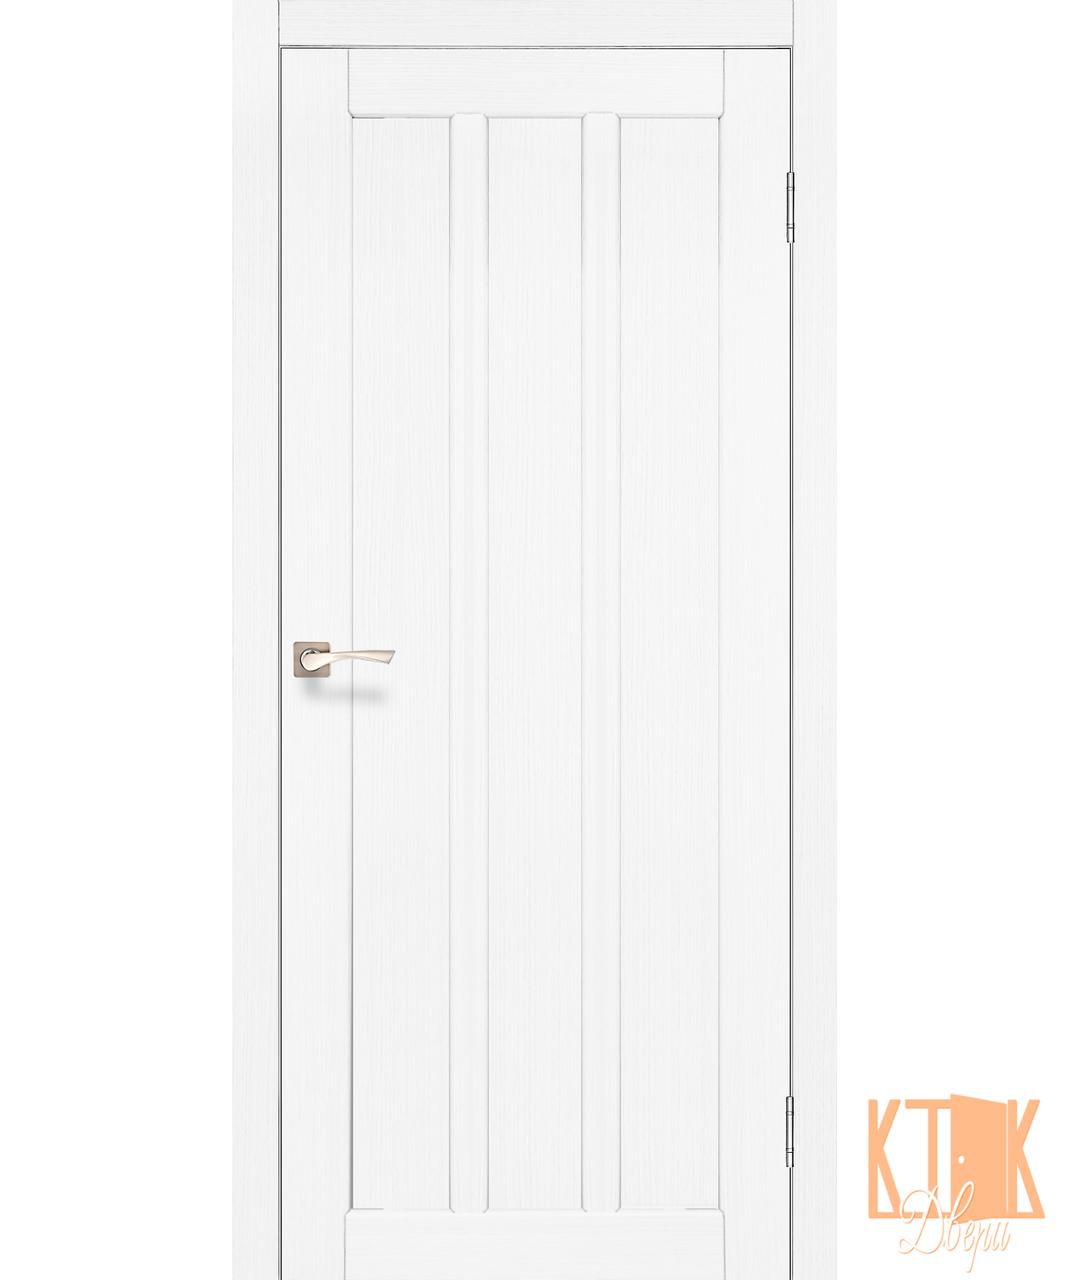 """Міжкімнатні двері колекції """"Napoli"""" NP-04 полотно глухе (ясен білий)"""